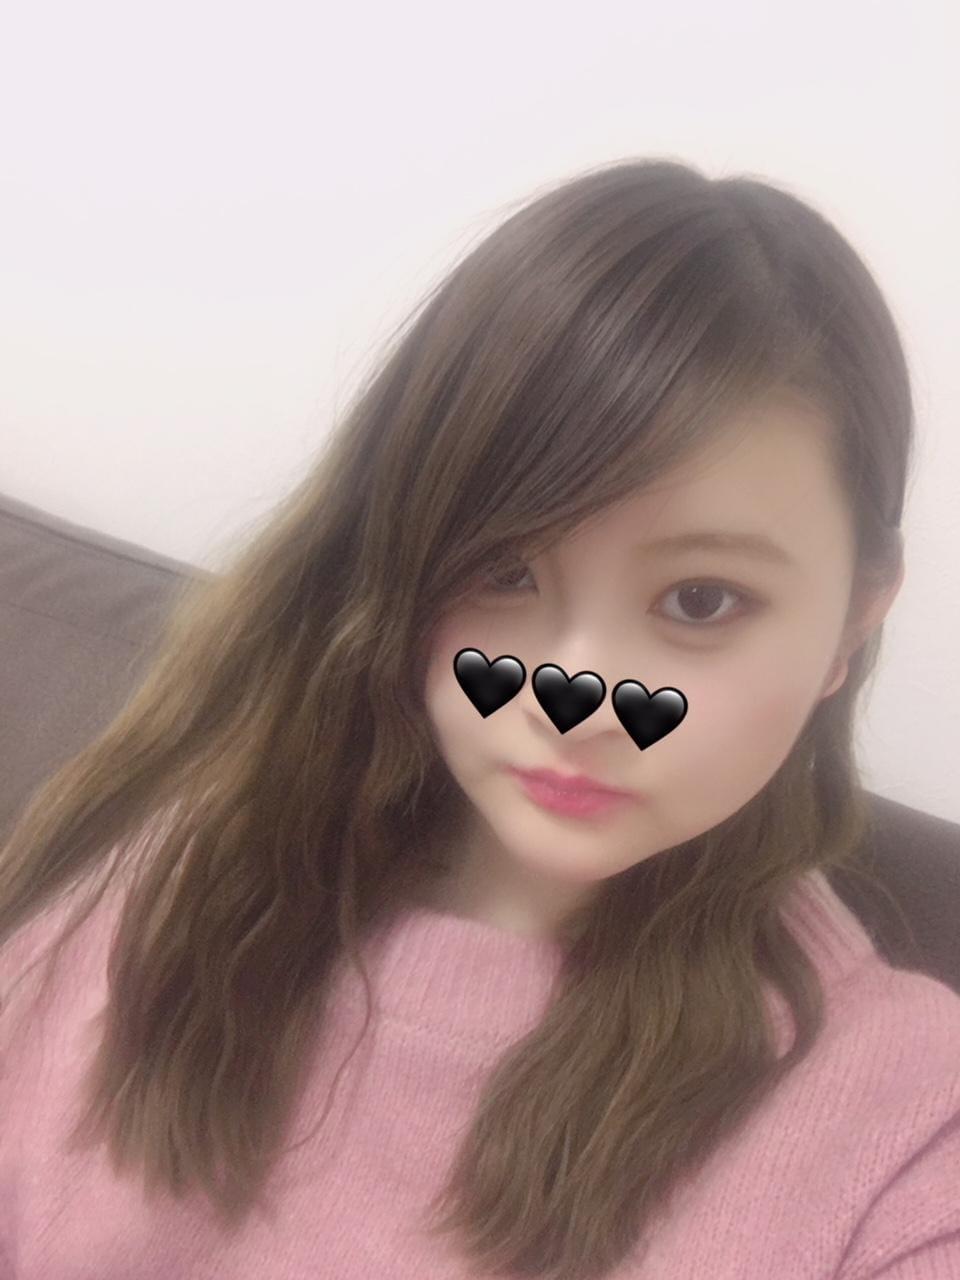 アリス「今日も♡」10/18(木) 12:45 | アリスの写メ・風俗動画